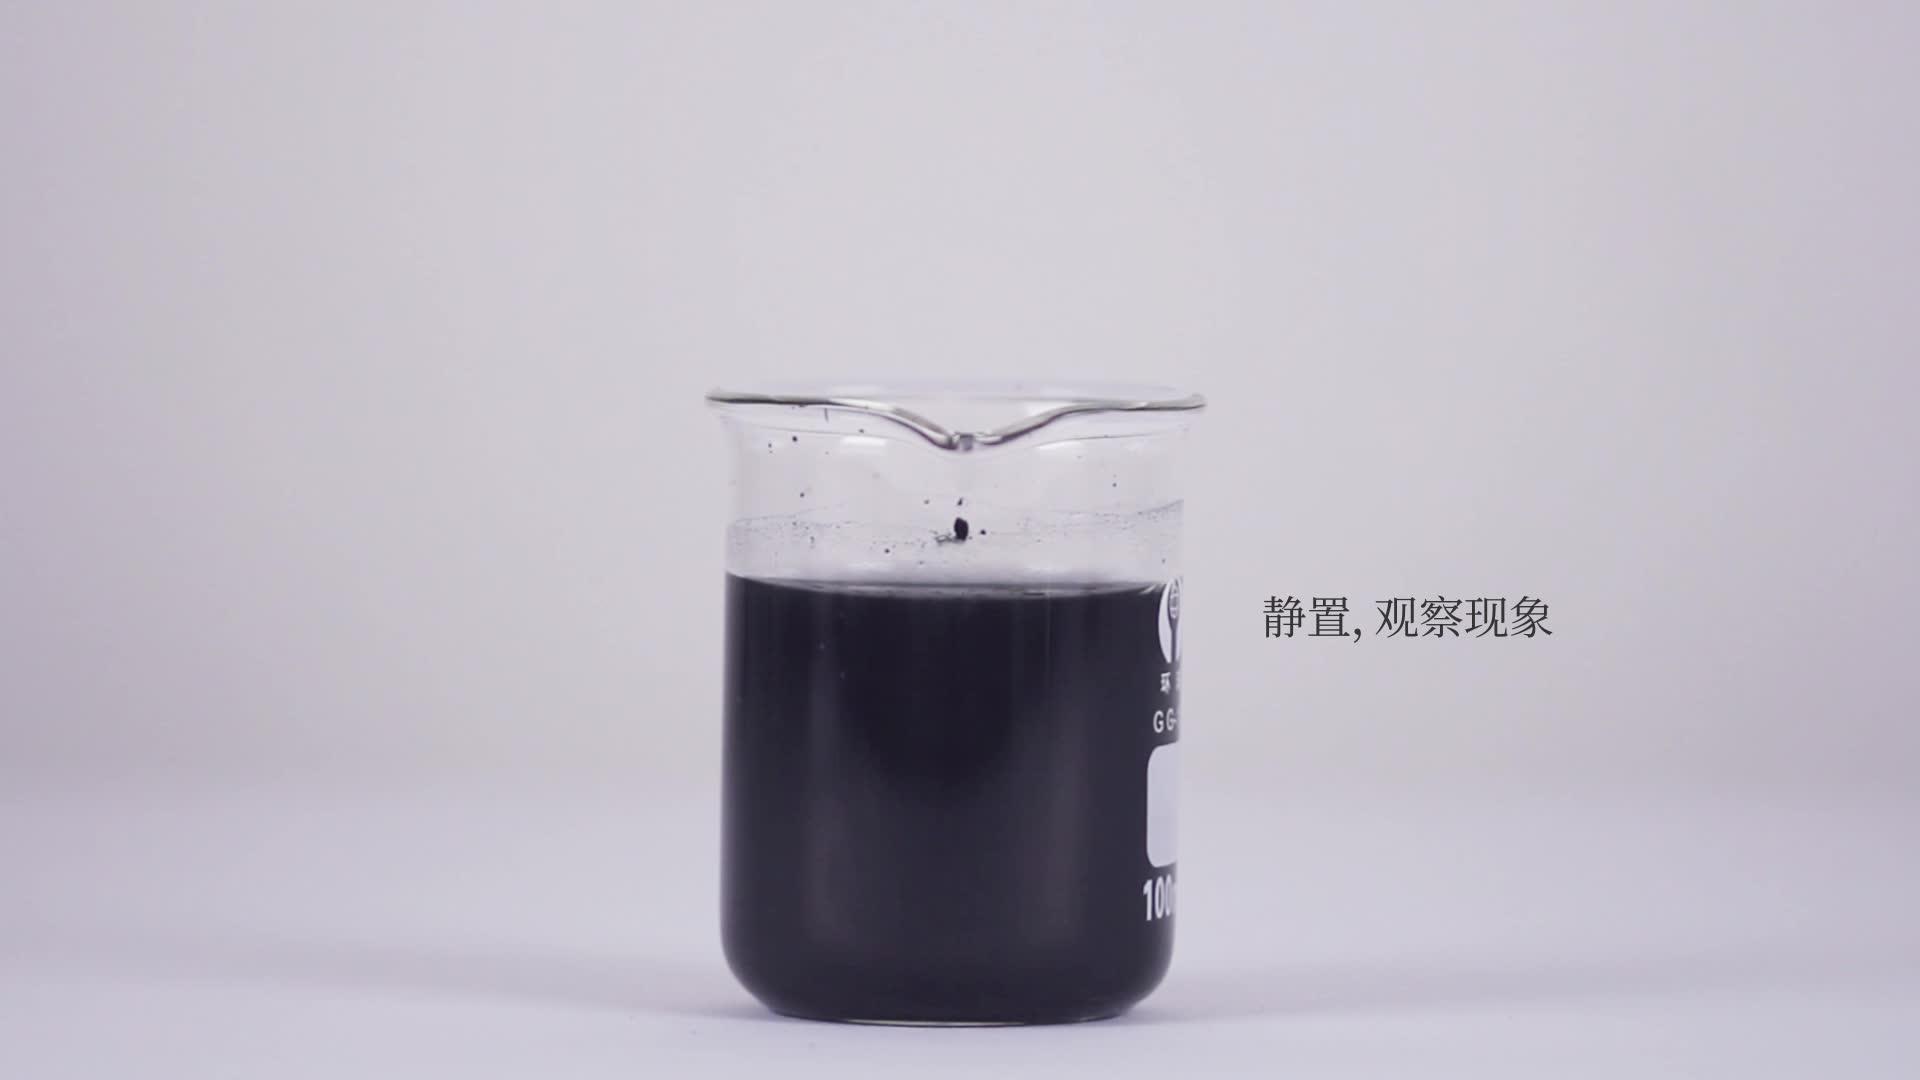 6.1 活性炭的吸附作用-【火花学院】人教版九年级化学上册 第六单元 碳和碳的氧化物 课题1 金刚石、石墨和C60 [来自e网通客户端]